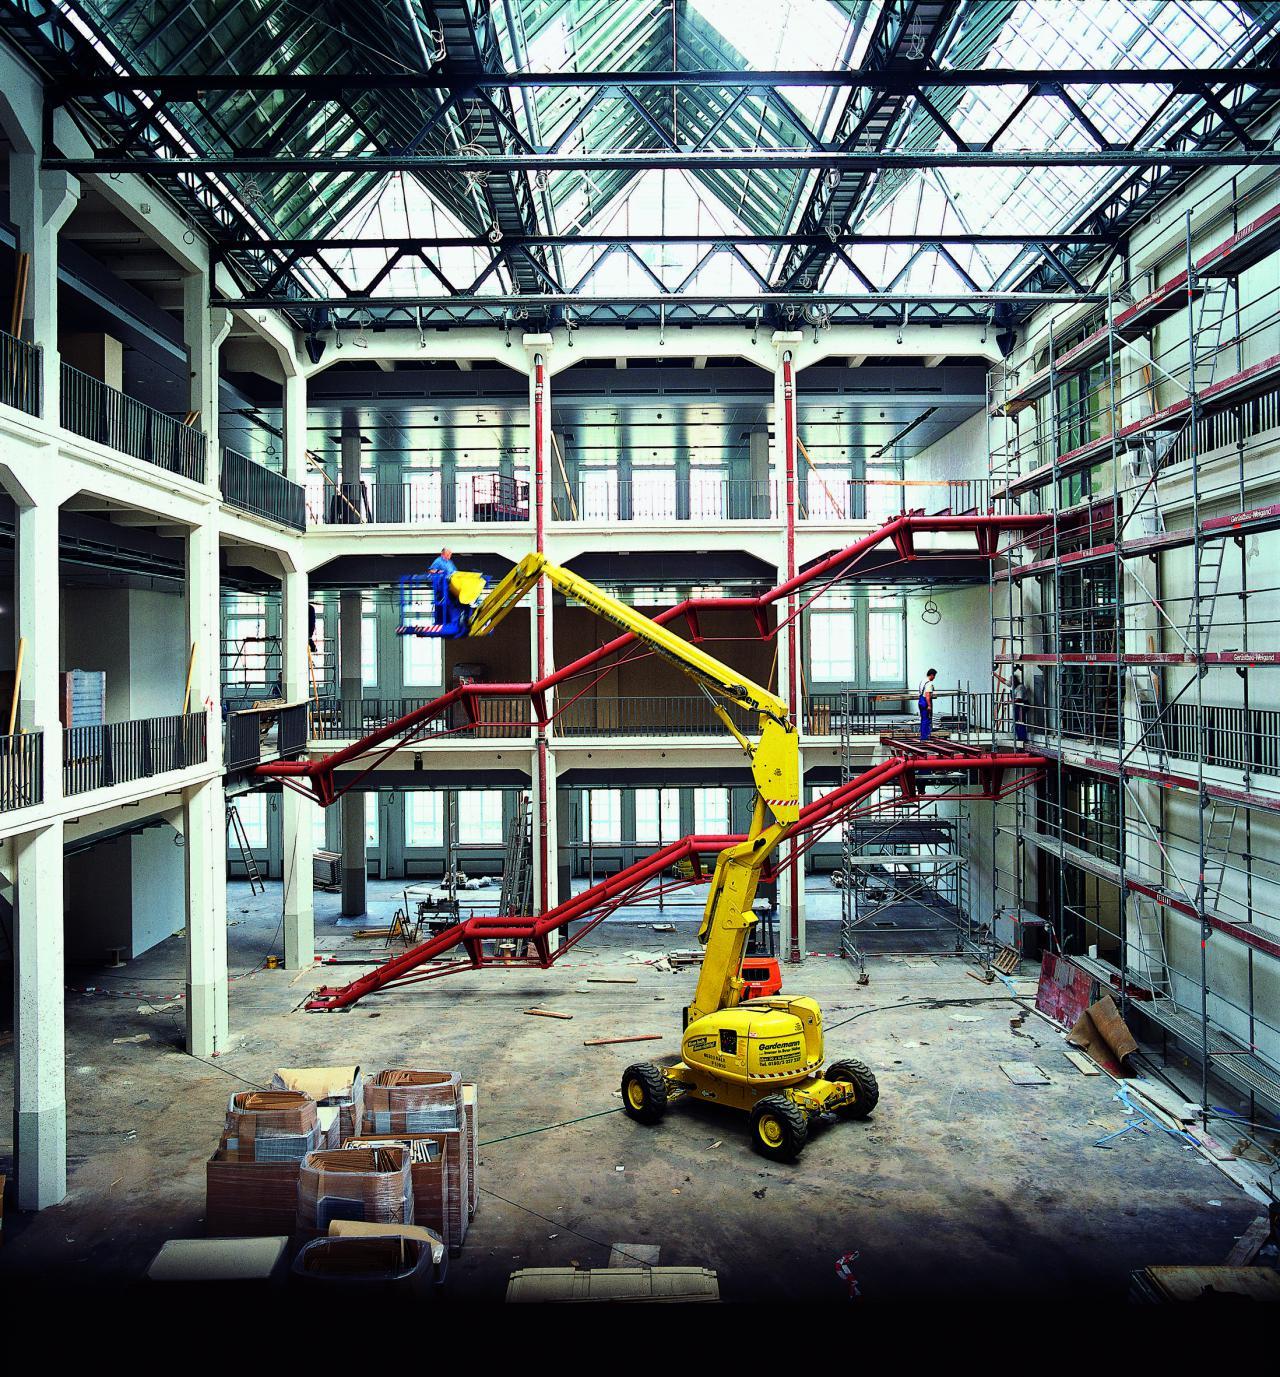 Das Foto zeigt eine historische Ansicht des Umbaus des alten MNK Hallenbaus. Ein imposanter großer gelber Bagger steht mitten in der Halle während im Hintergrund die Rohkonstruktion der zukünftigen Treppen des Ausstellungsraumes in rot hell leuchten.